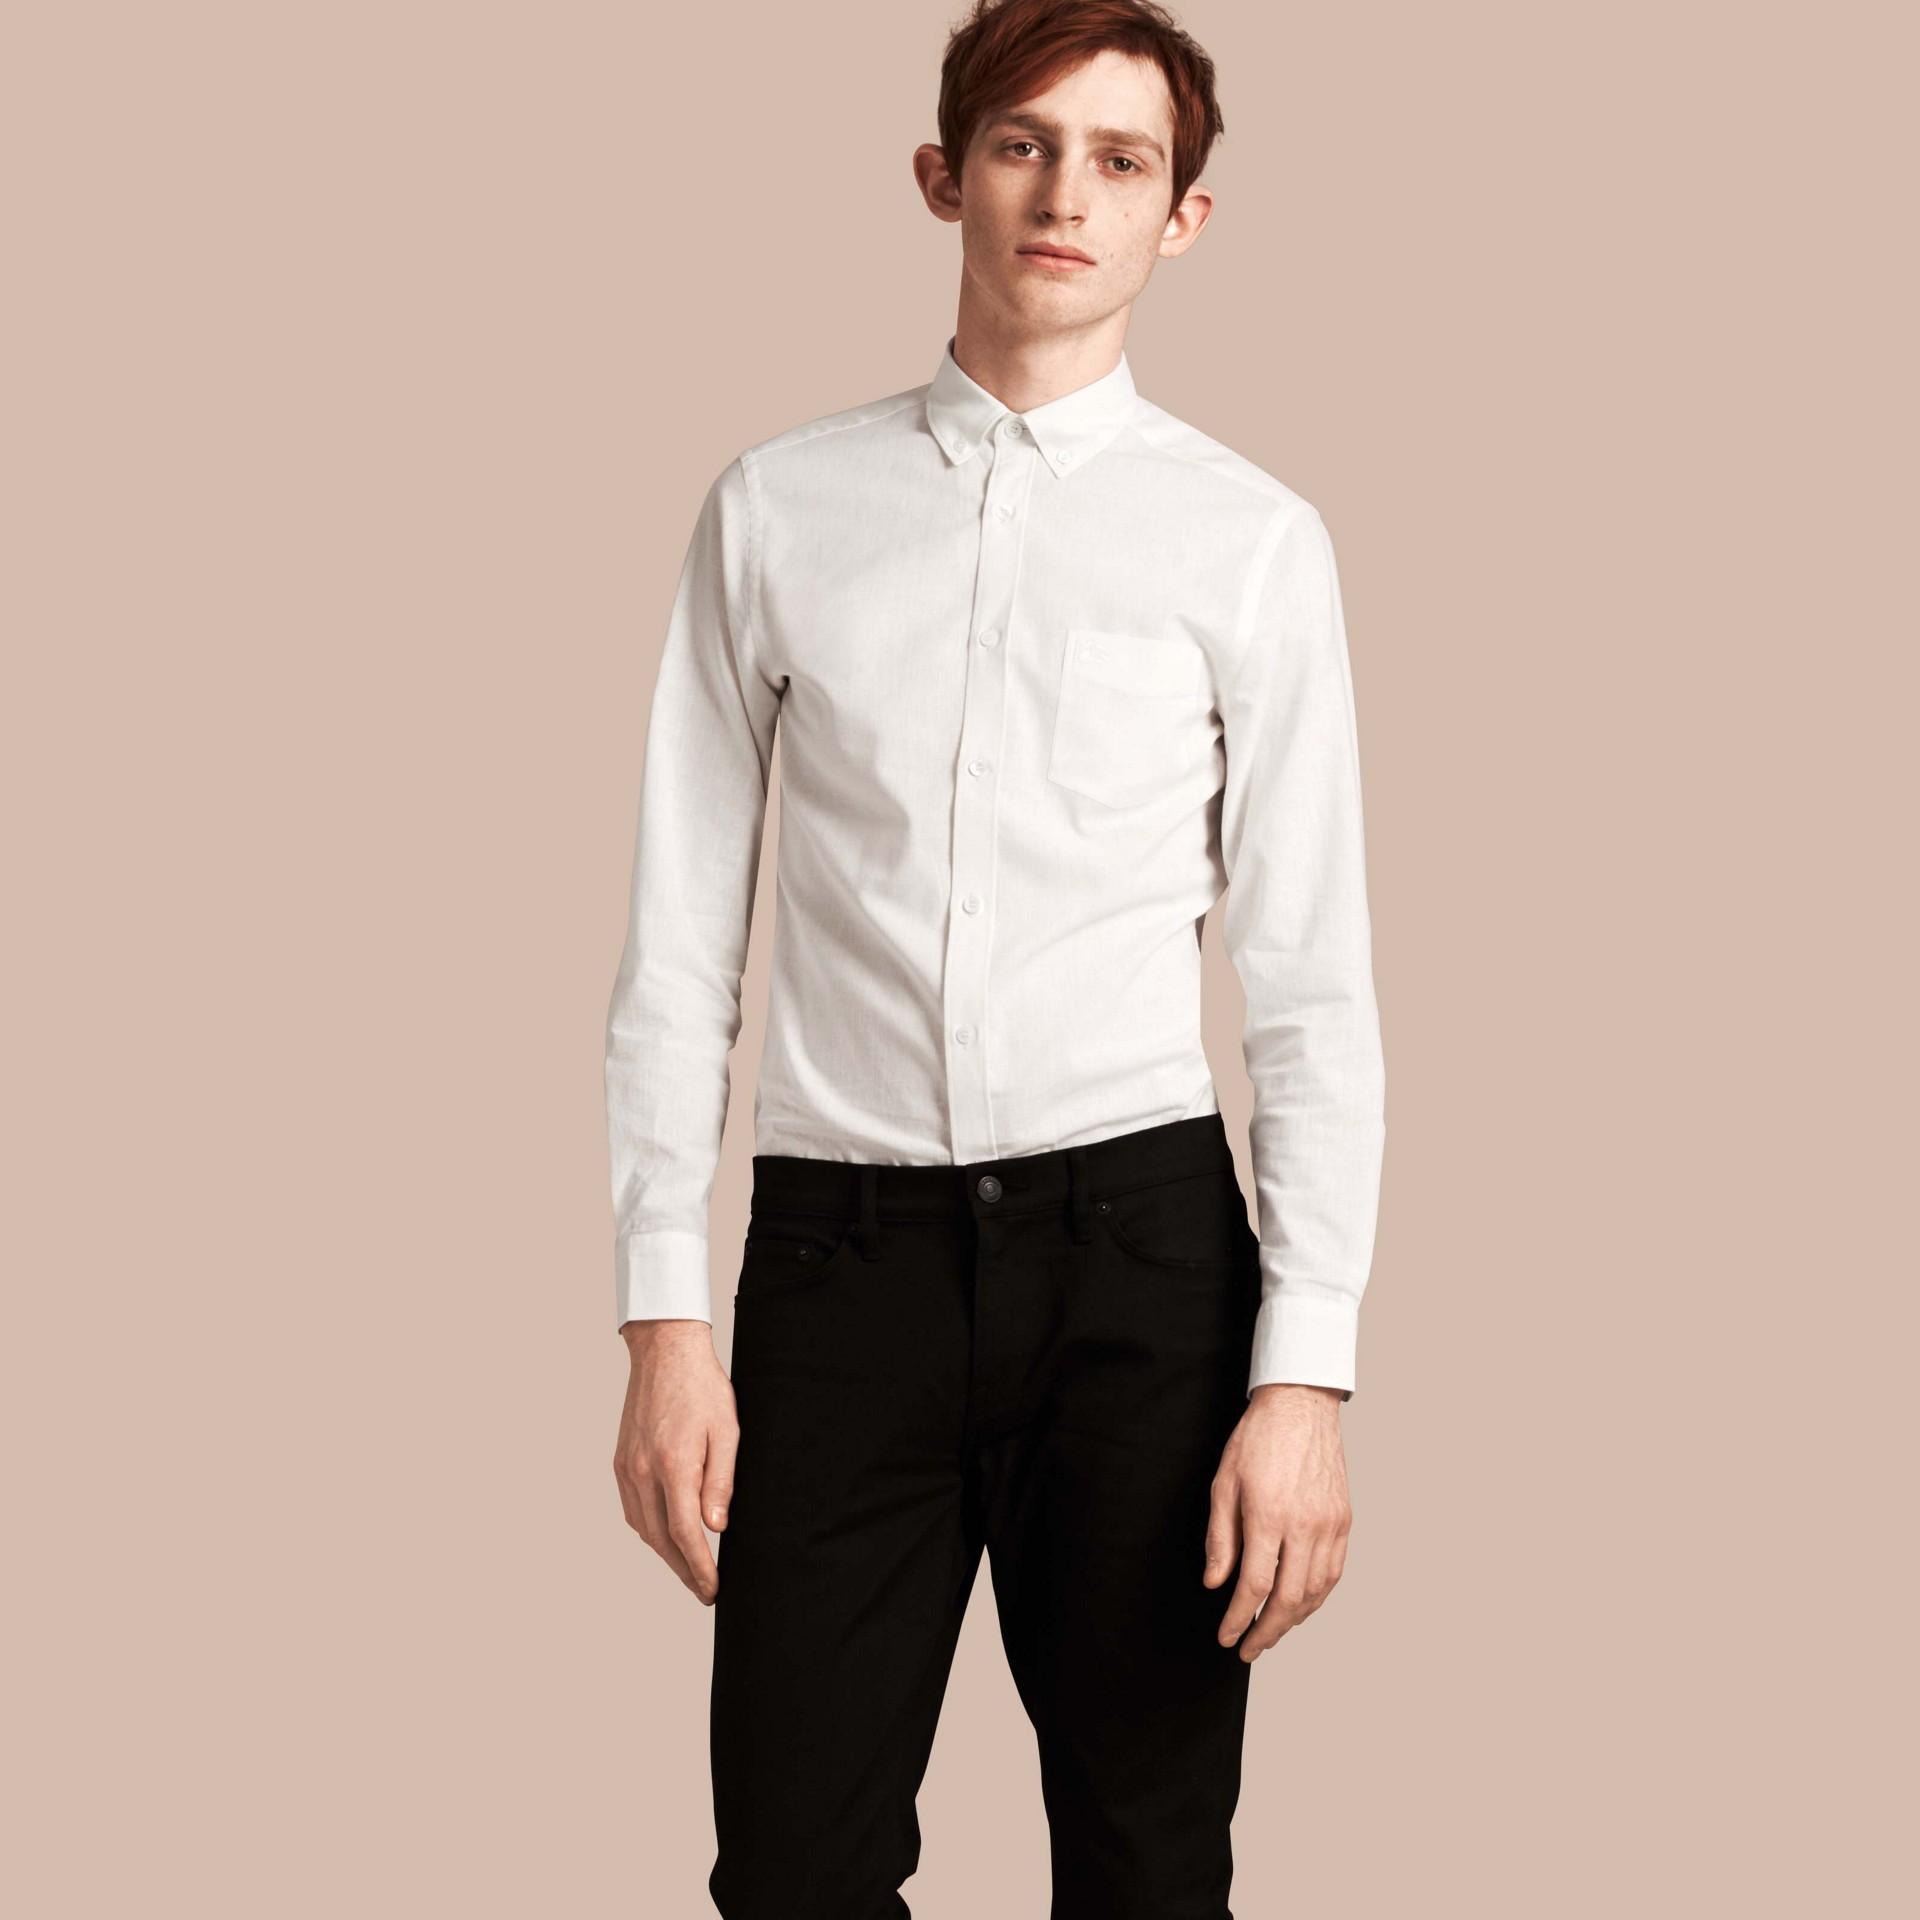 Bianco Camicia in cotone e lino con colletto button-down Bianco - immagine della galleria 1